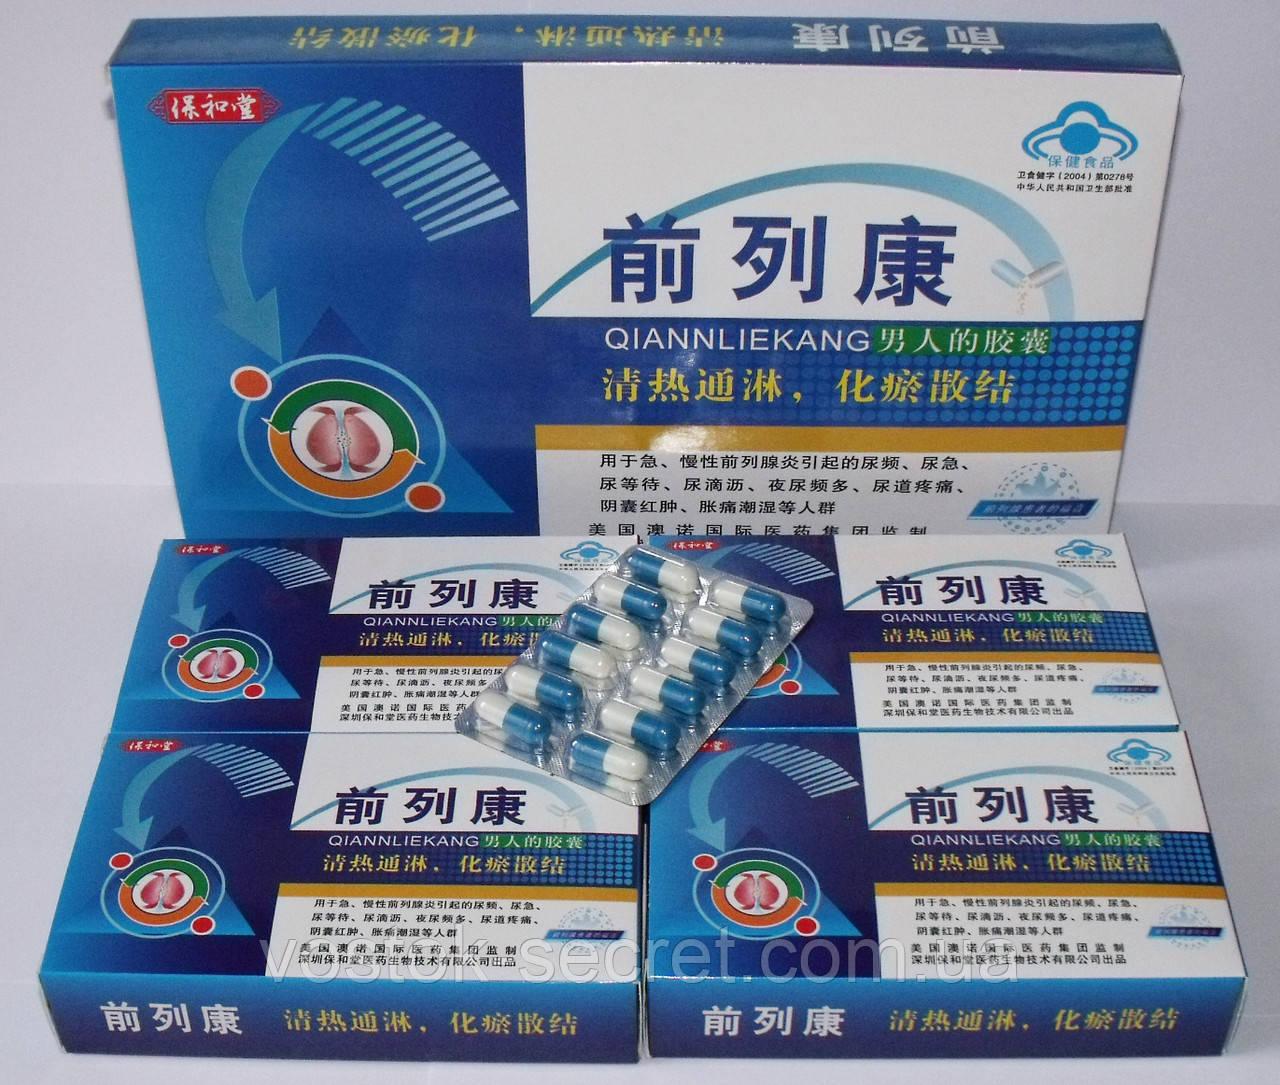 Препарат qiannliekang ксианлиеканг для лечения простатита